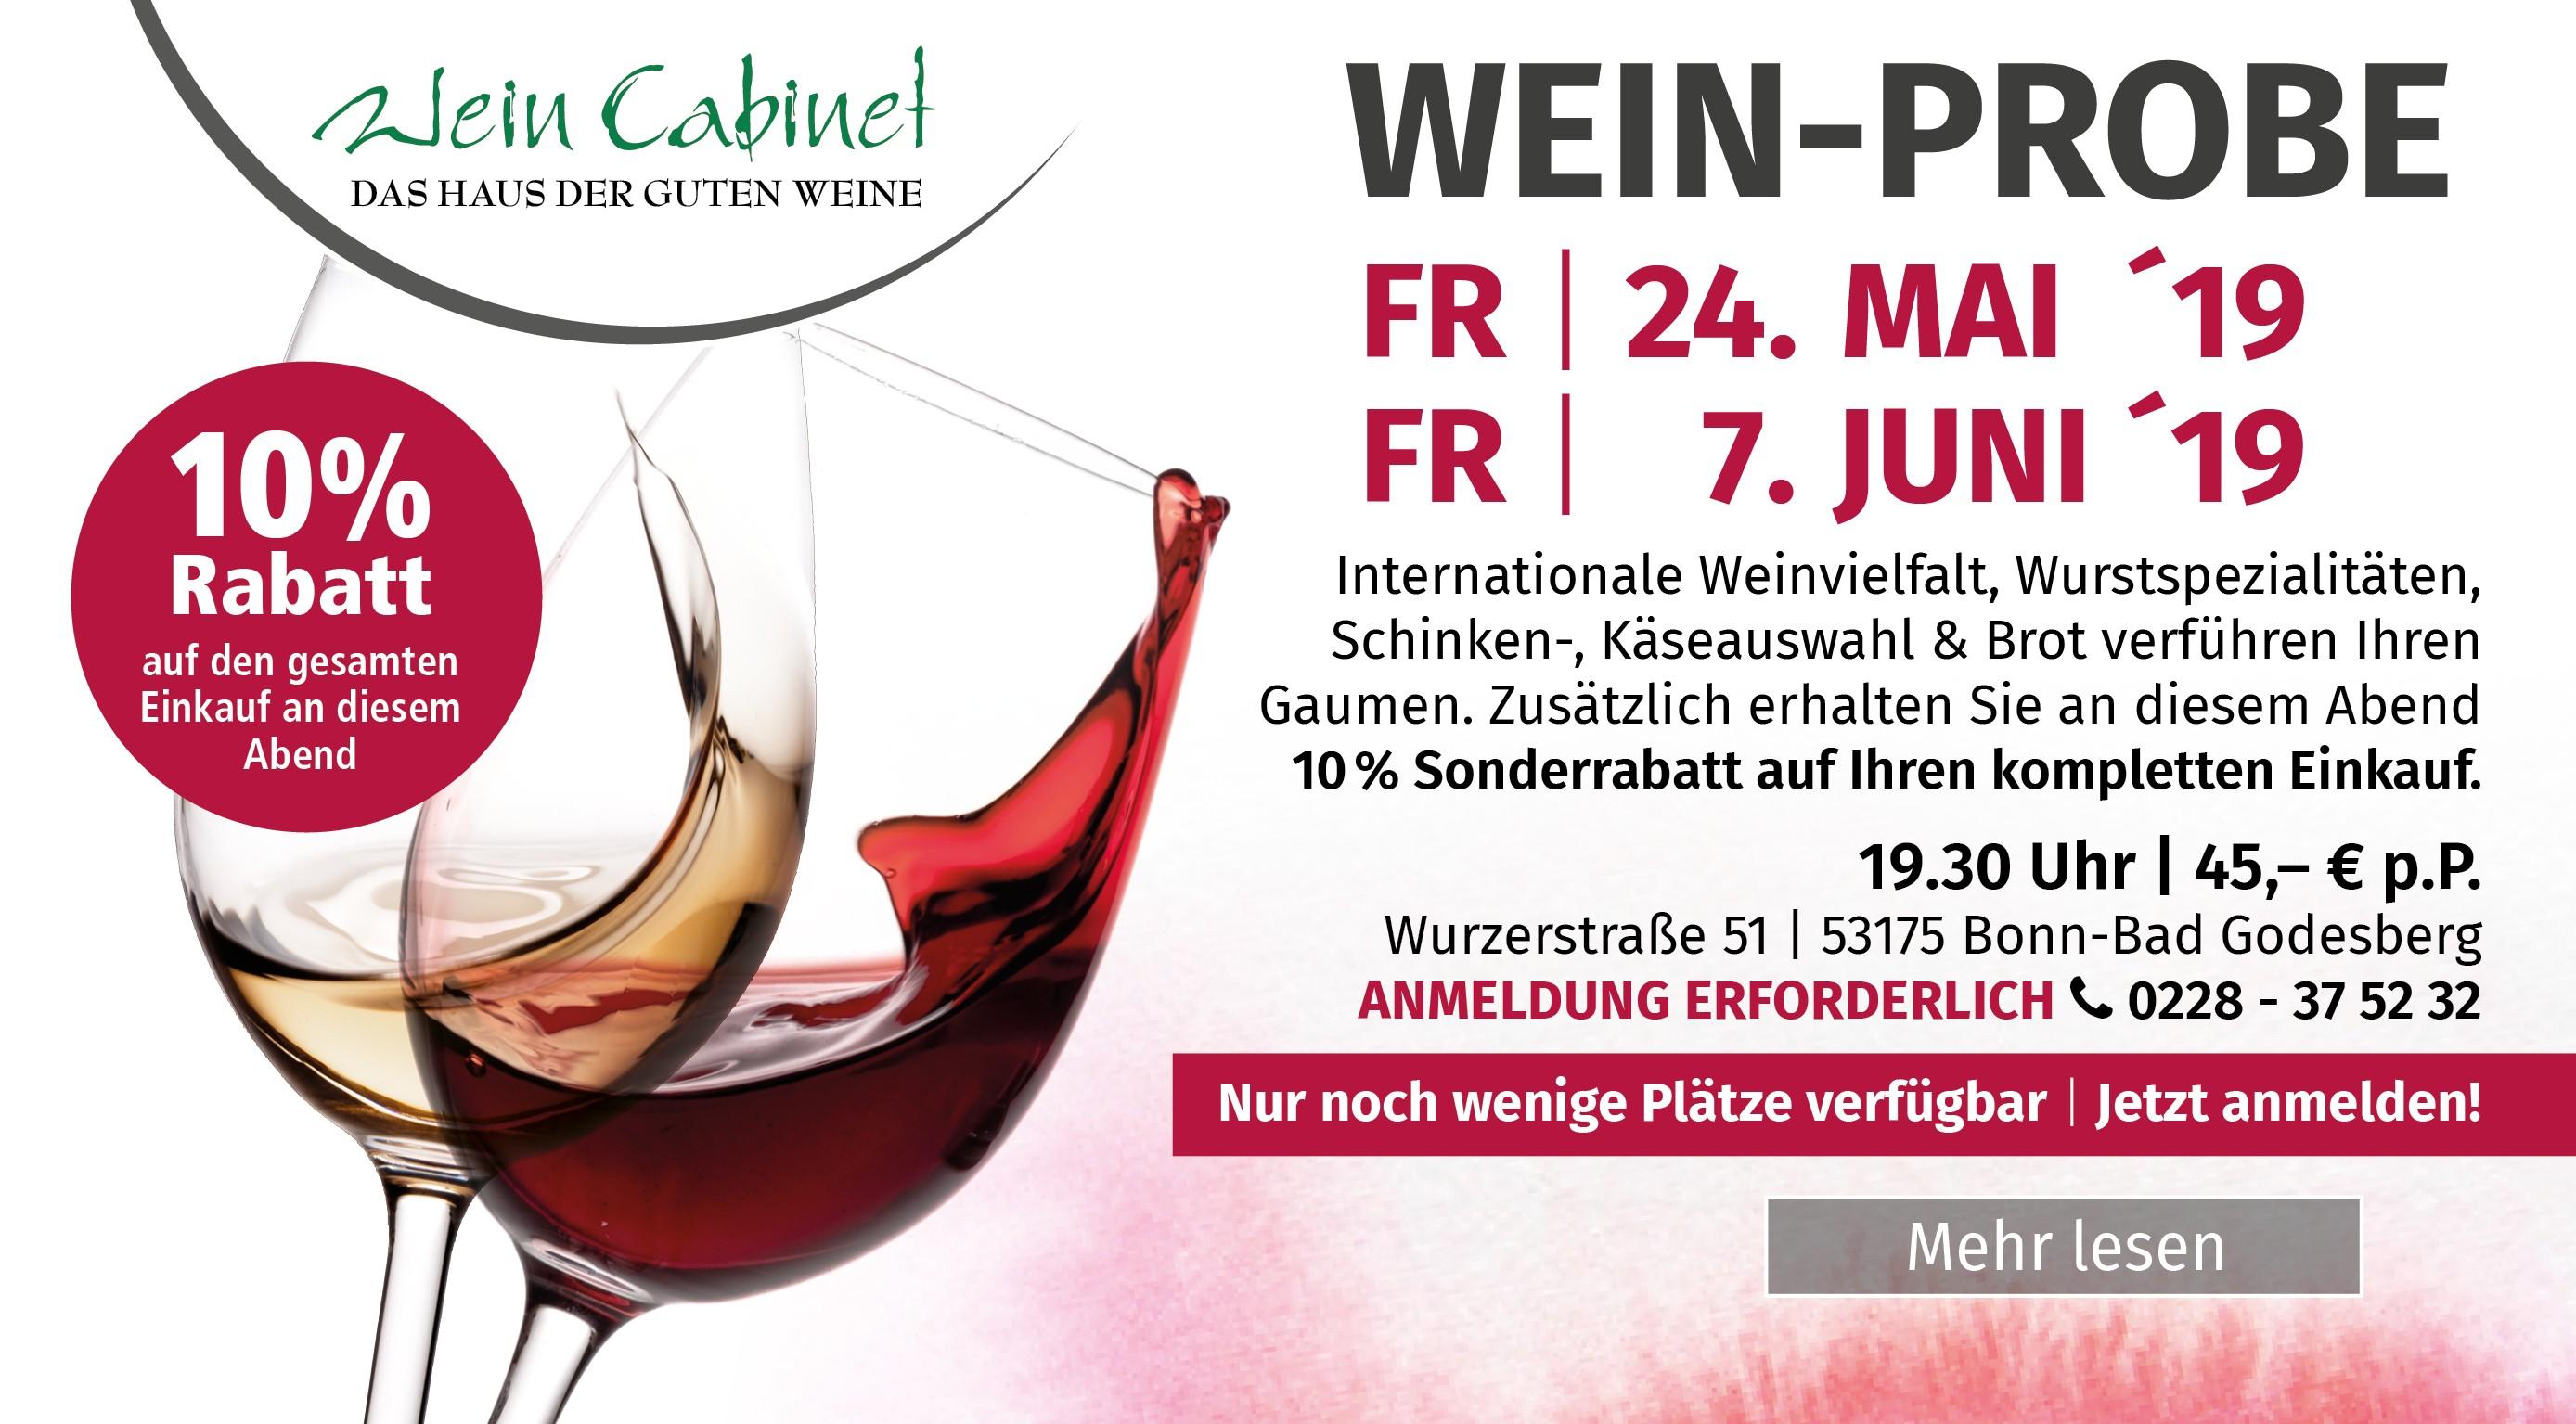 Wein-Probe, Weipobe, weinfest, godesberg, Bonn, weinabend, weinliebe, weinfreude, weintasting, cocktails, feiern,weingenuss, Weinvielfalt